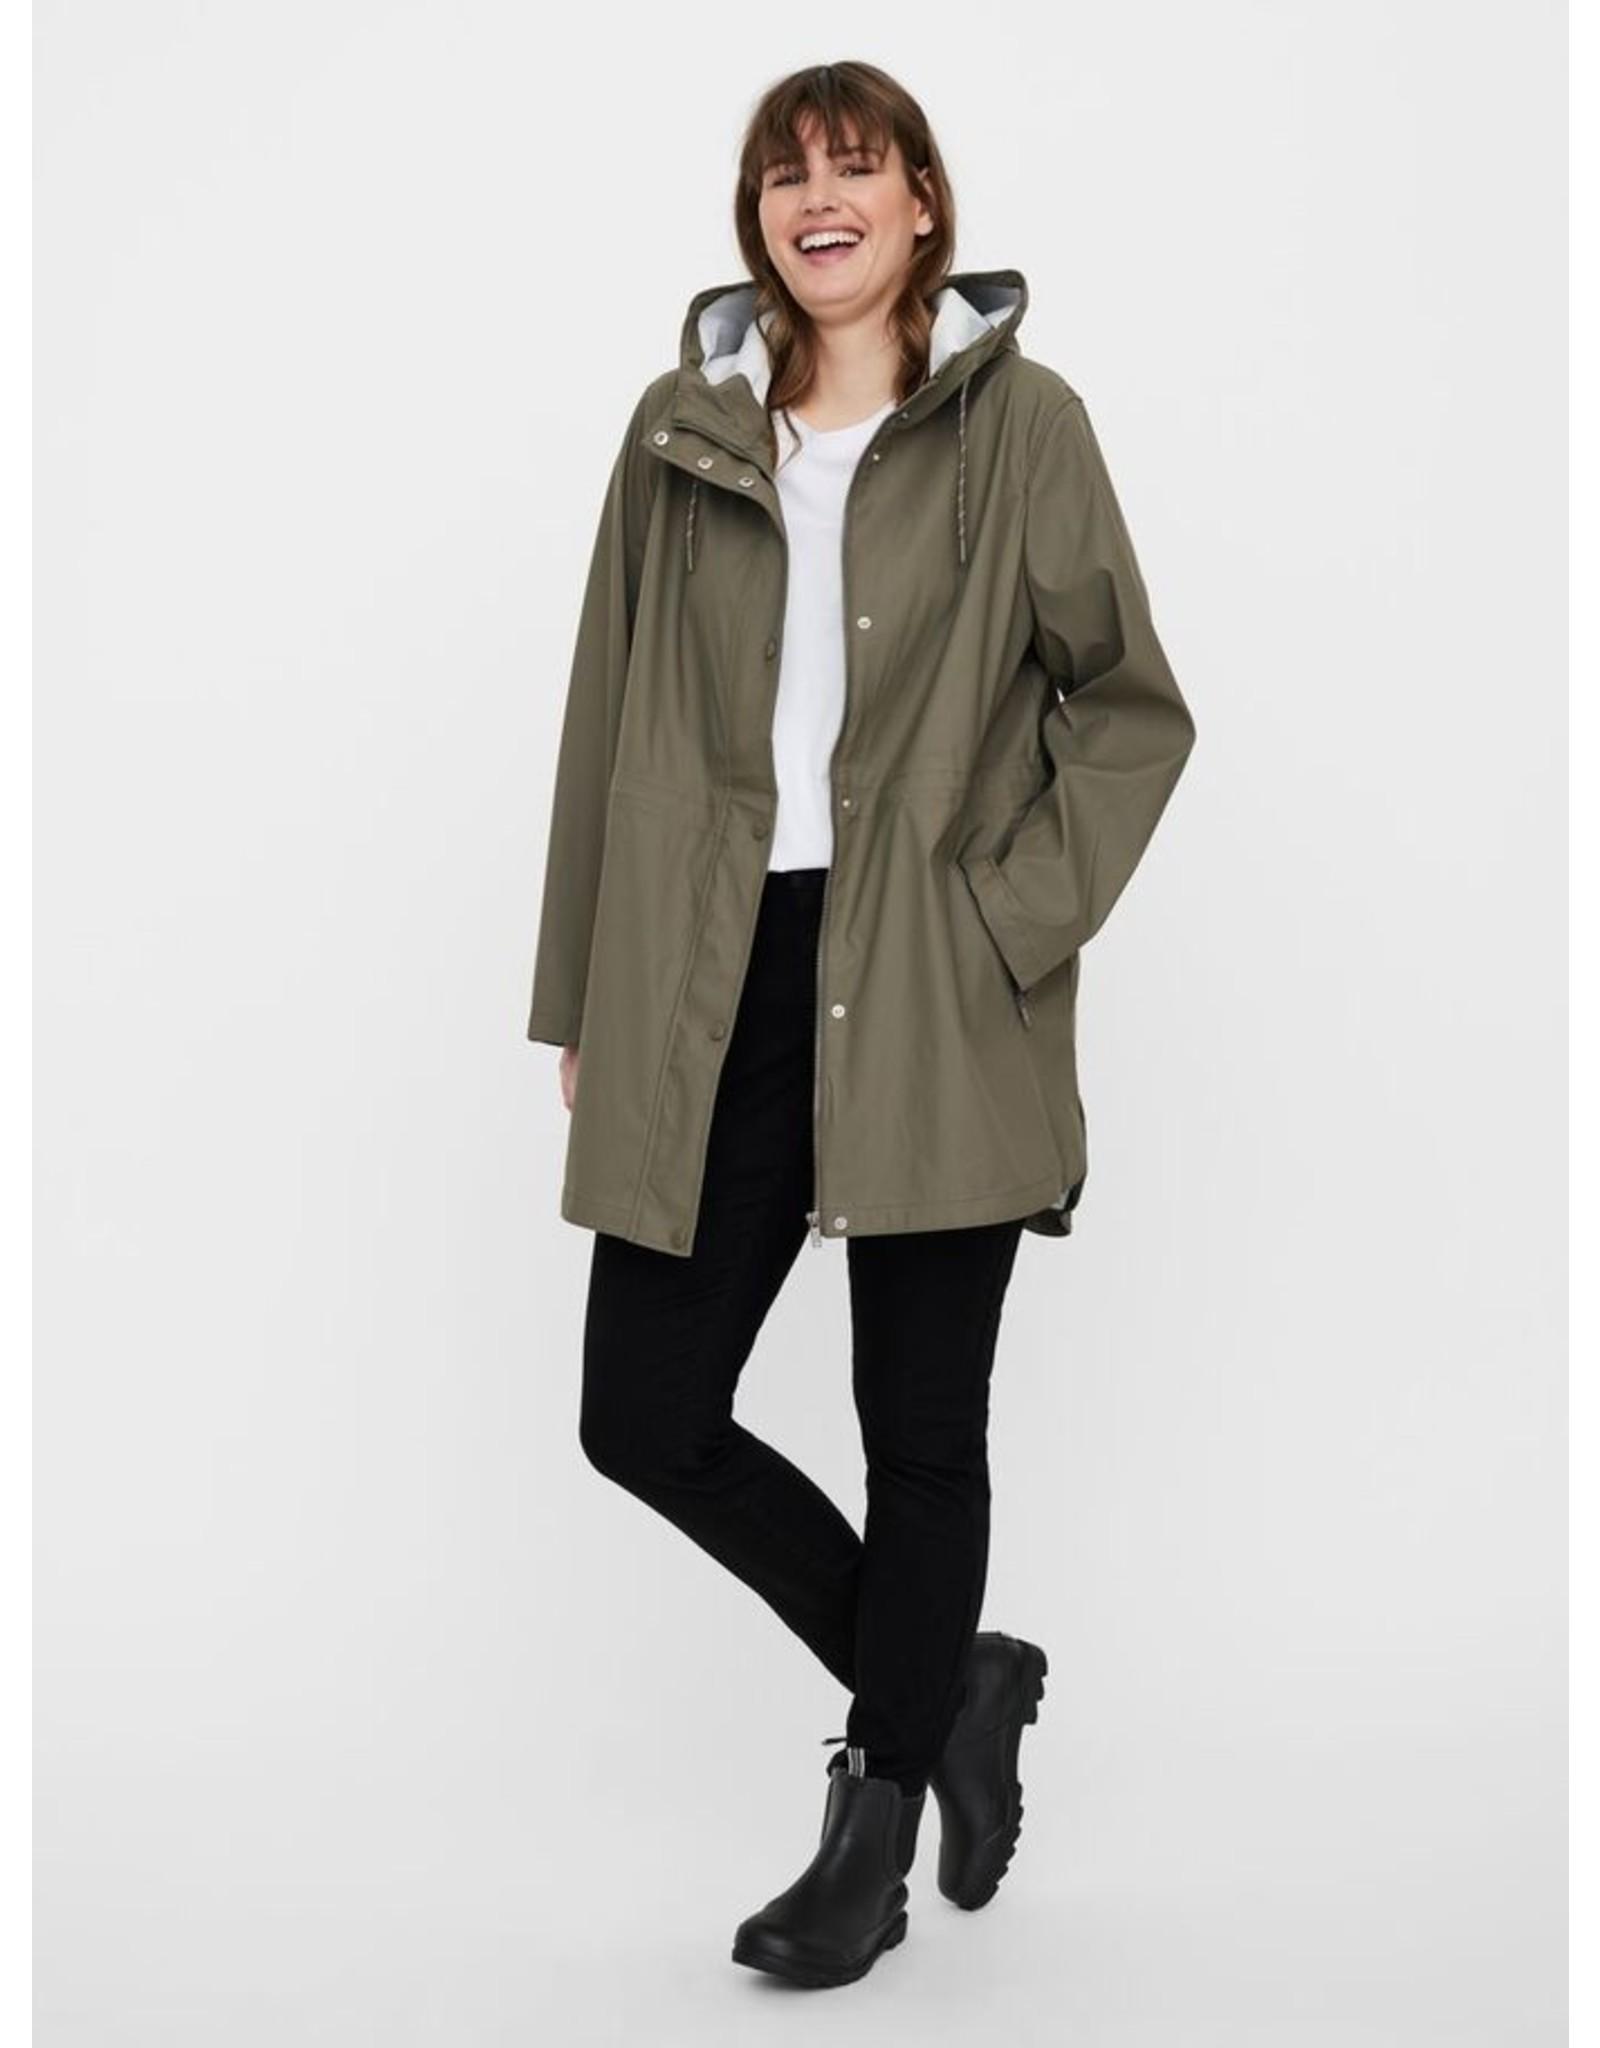 Vero Moda - Malou Raincoat